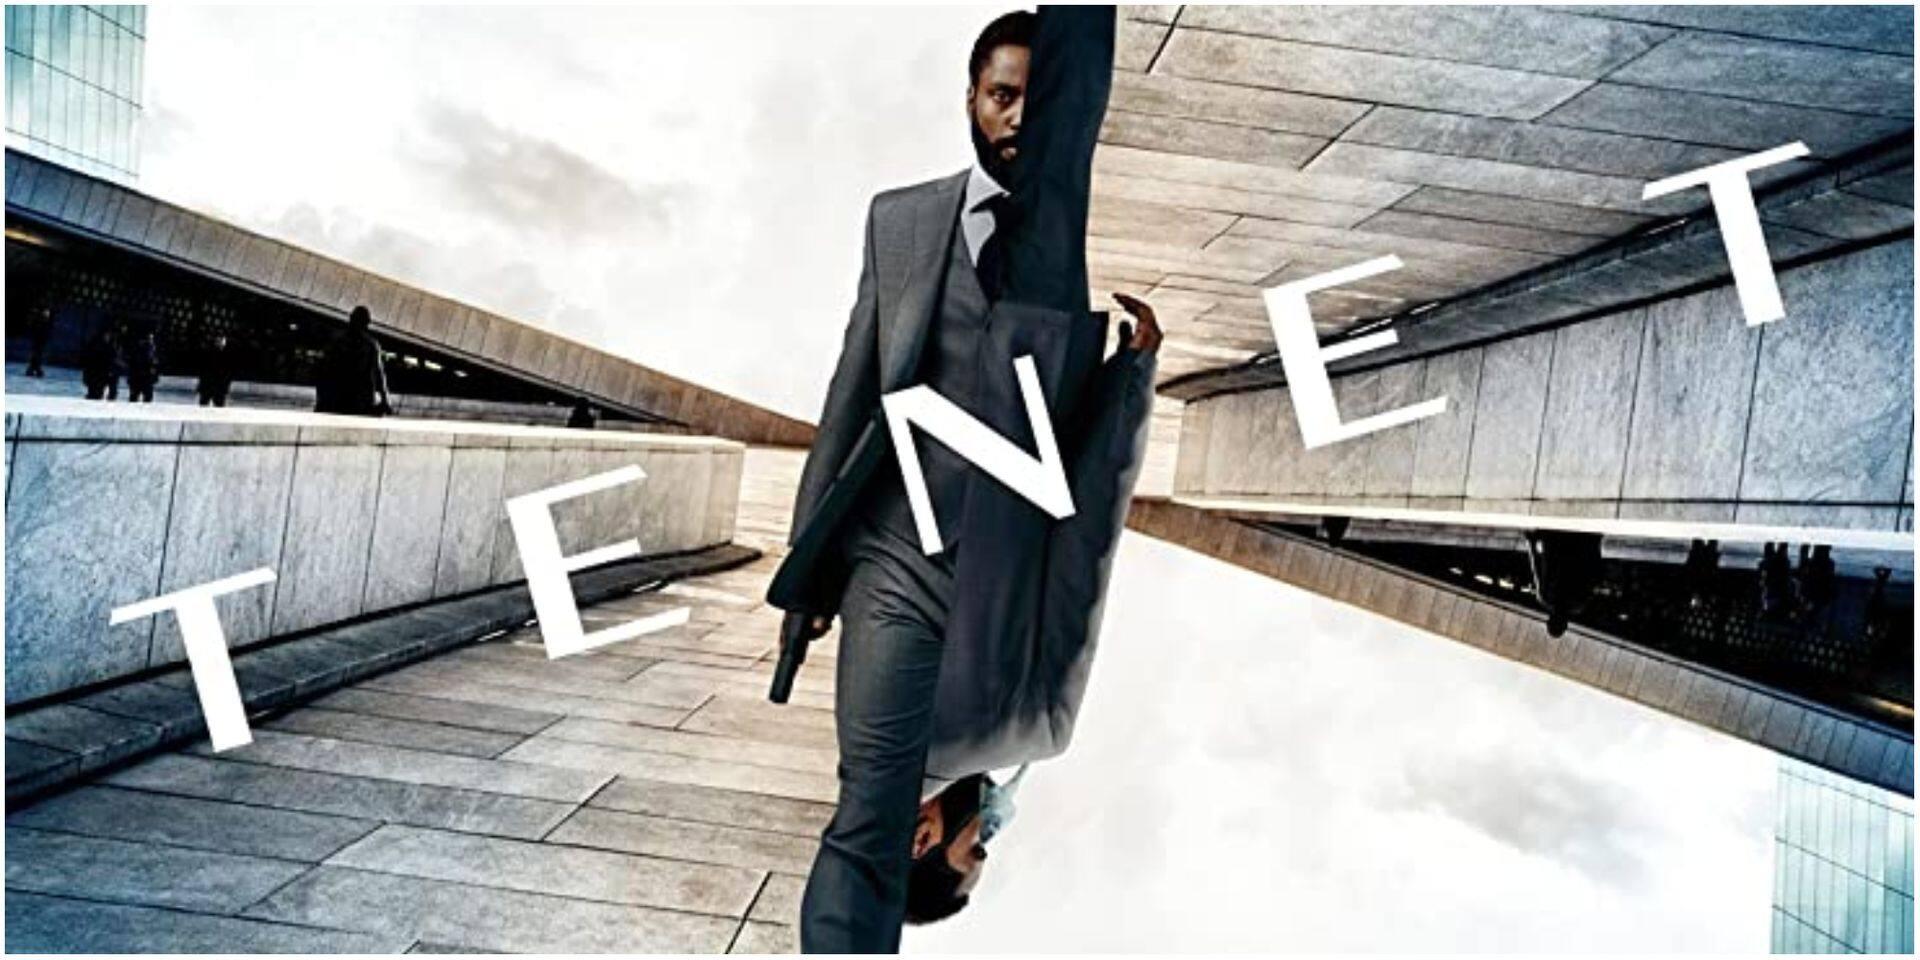 Démarrage canon pour Tenet qui dépasse toutes les attentes au box-office mondial